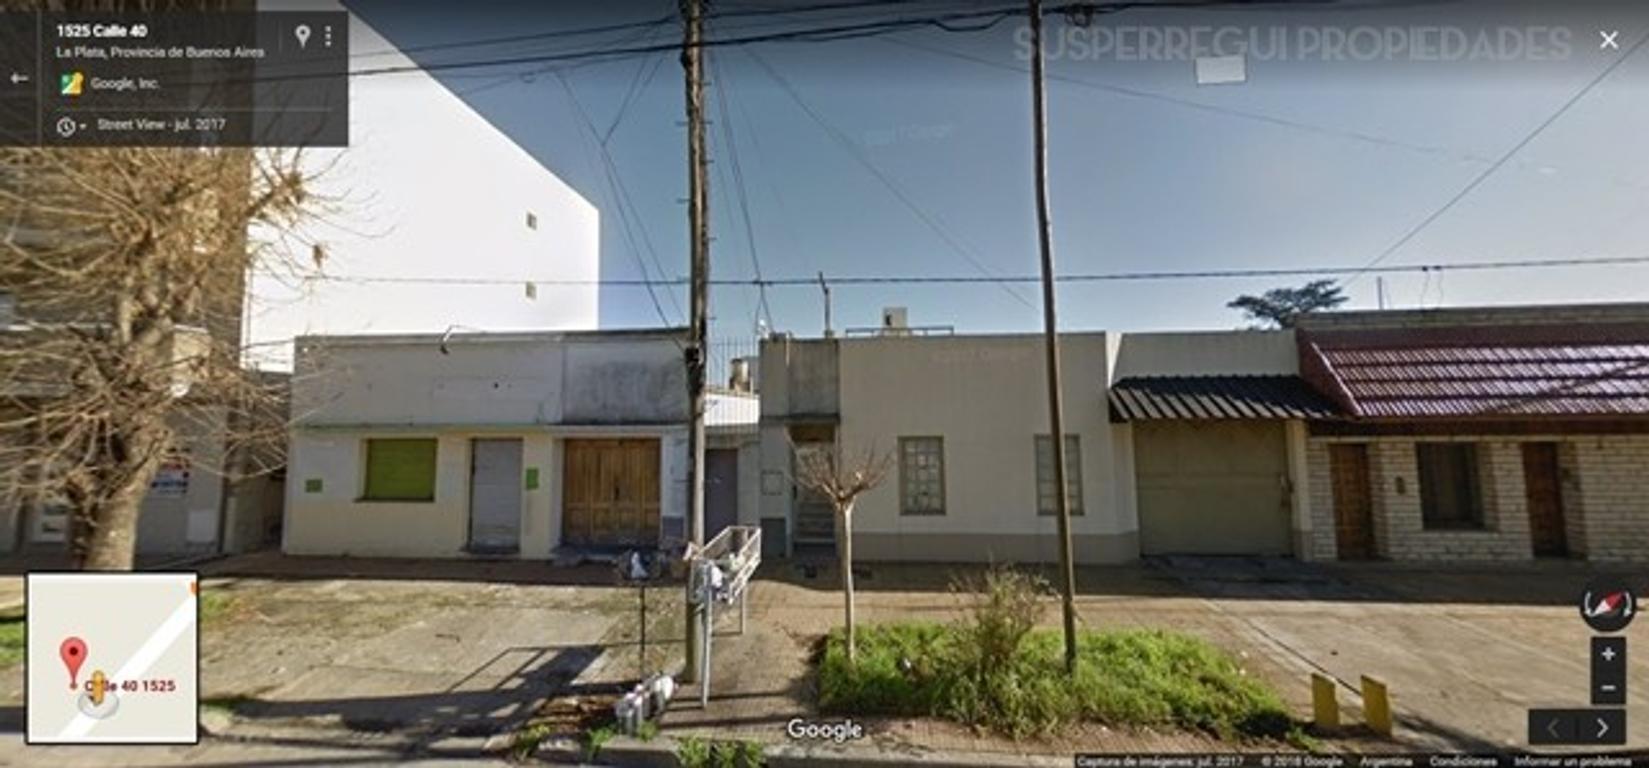 Casa APTO BANCO de 2 Dormitorios con Local al Frente y Cochera, Calle 40 e/ 25 y 26